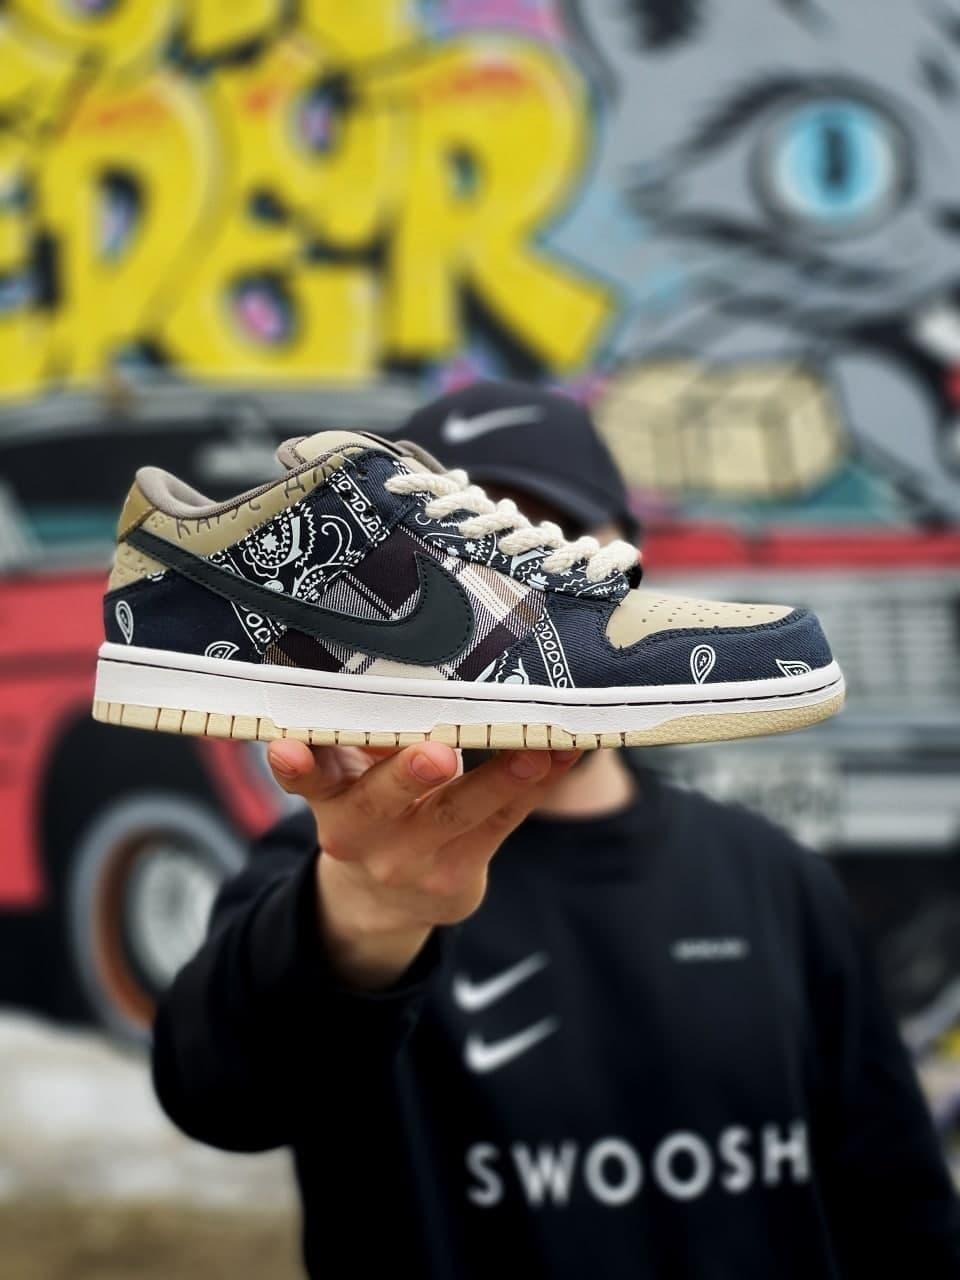 Жіночі кросівки Nike SB Dunk low x Travis Scott cactus jack (чорно-пісочний) спортивне взуття J3246